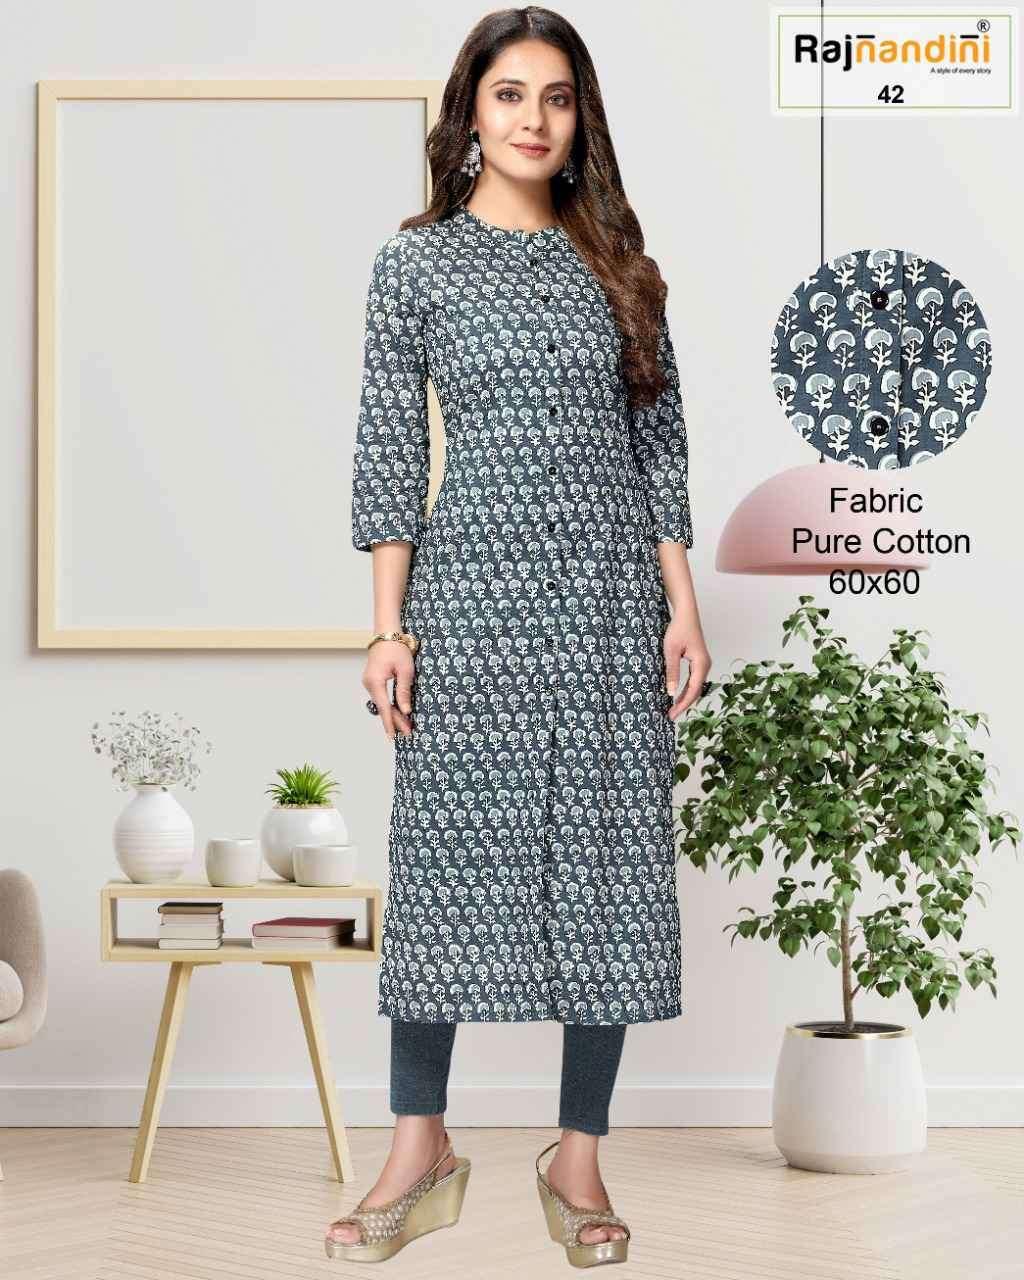 Rajnandini Vol 11 Jaipur Print Cotton Kurti New design Wholesaler